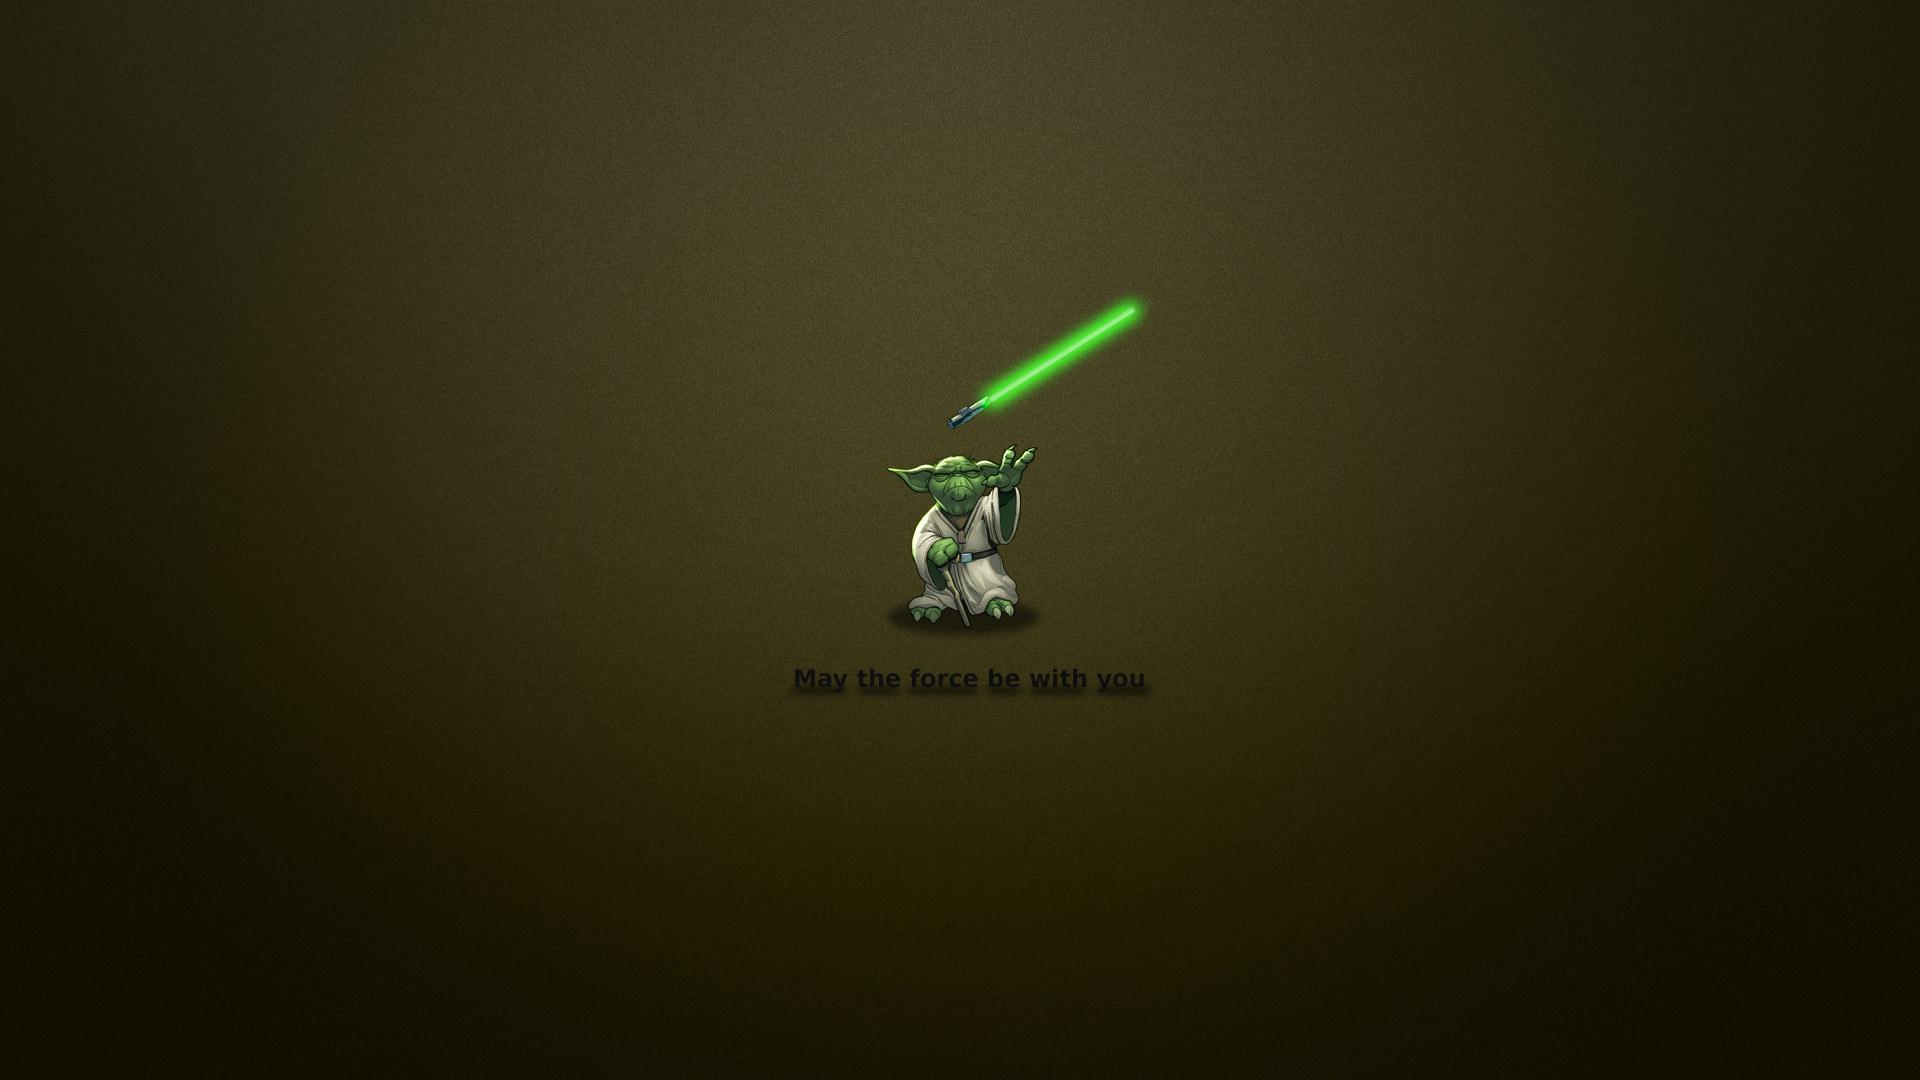 Wallpaper Star Wars Jedi Yoda Minimalism Widescreen 1920x1080 On